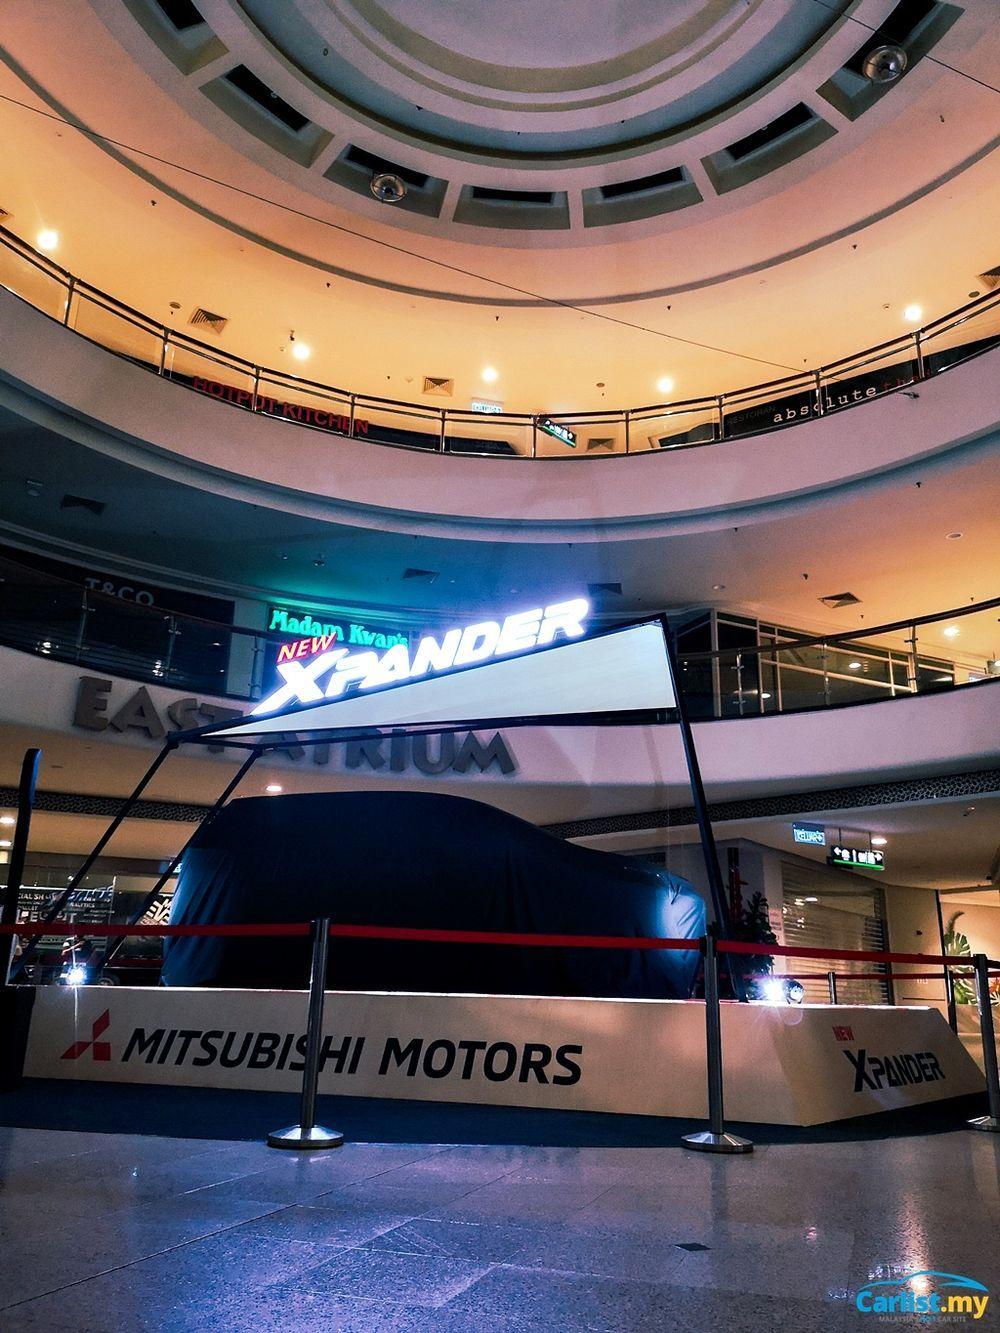 2020 Mitsubishi XPander Teased